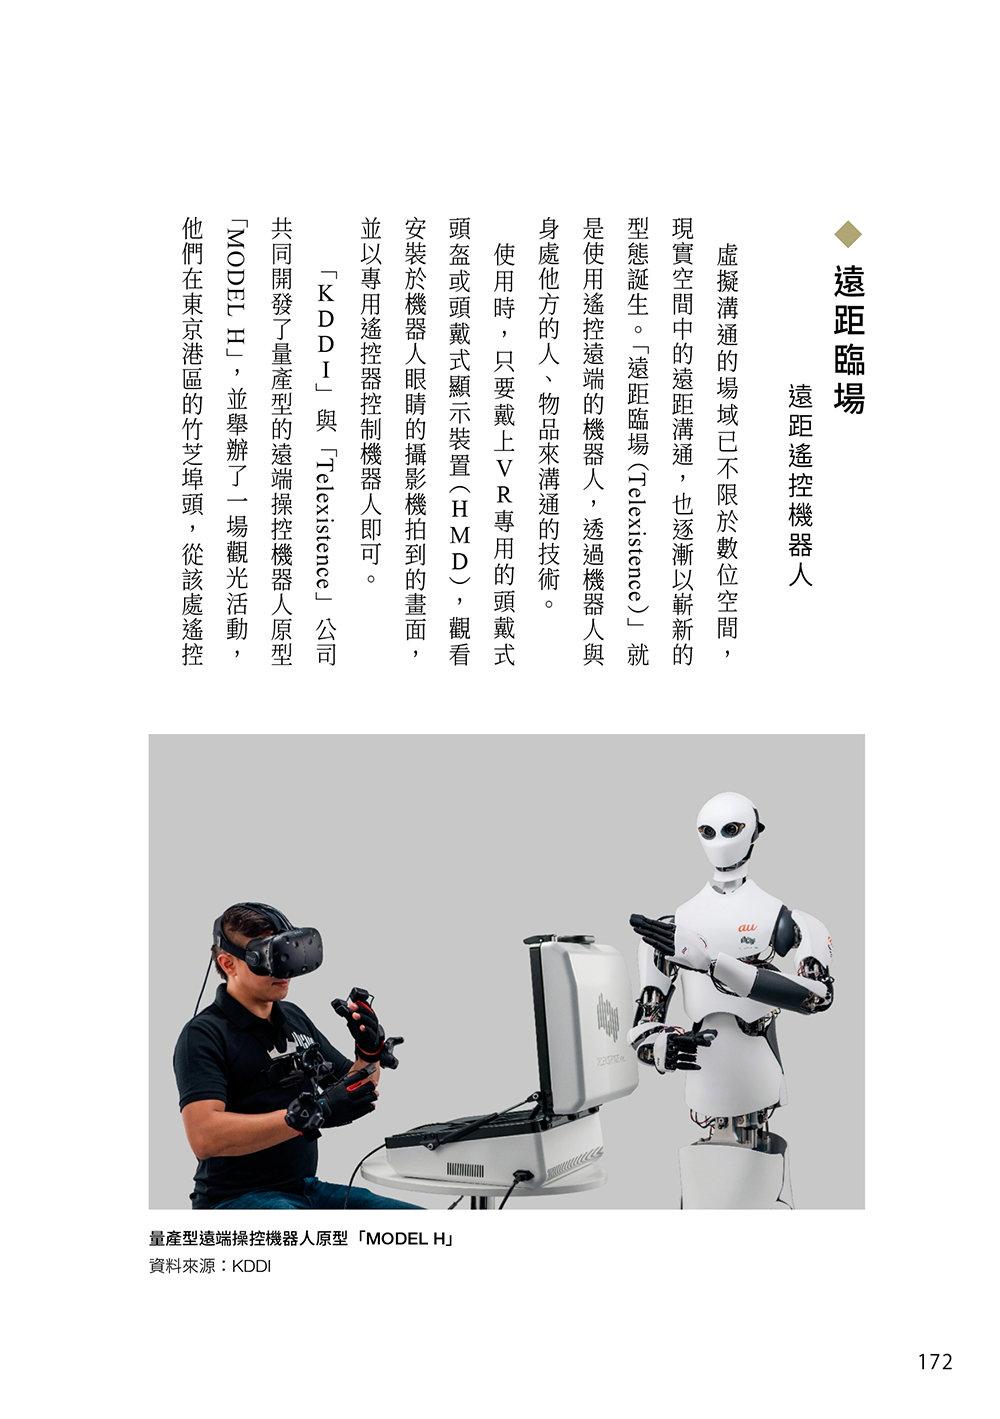 連結世界的 100種新技術 : 跨領域科技改變人類的未來-preview-7